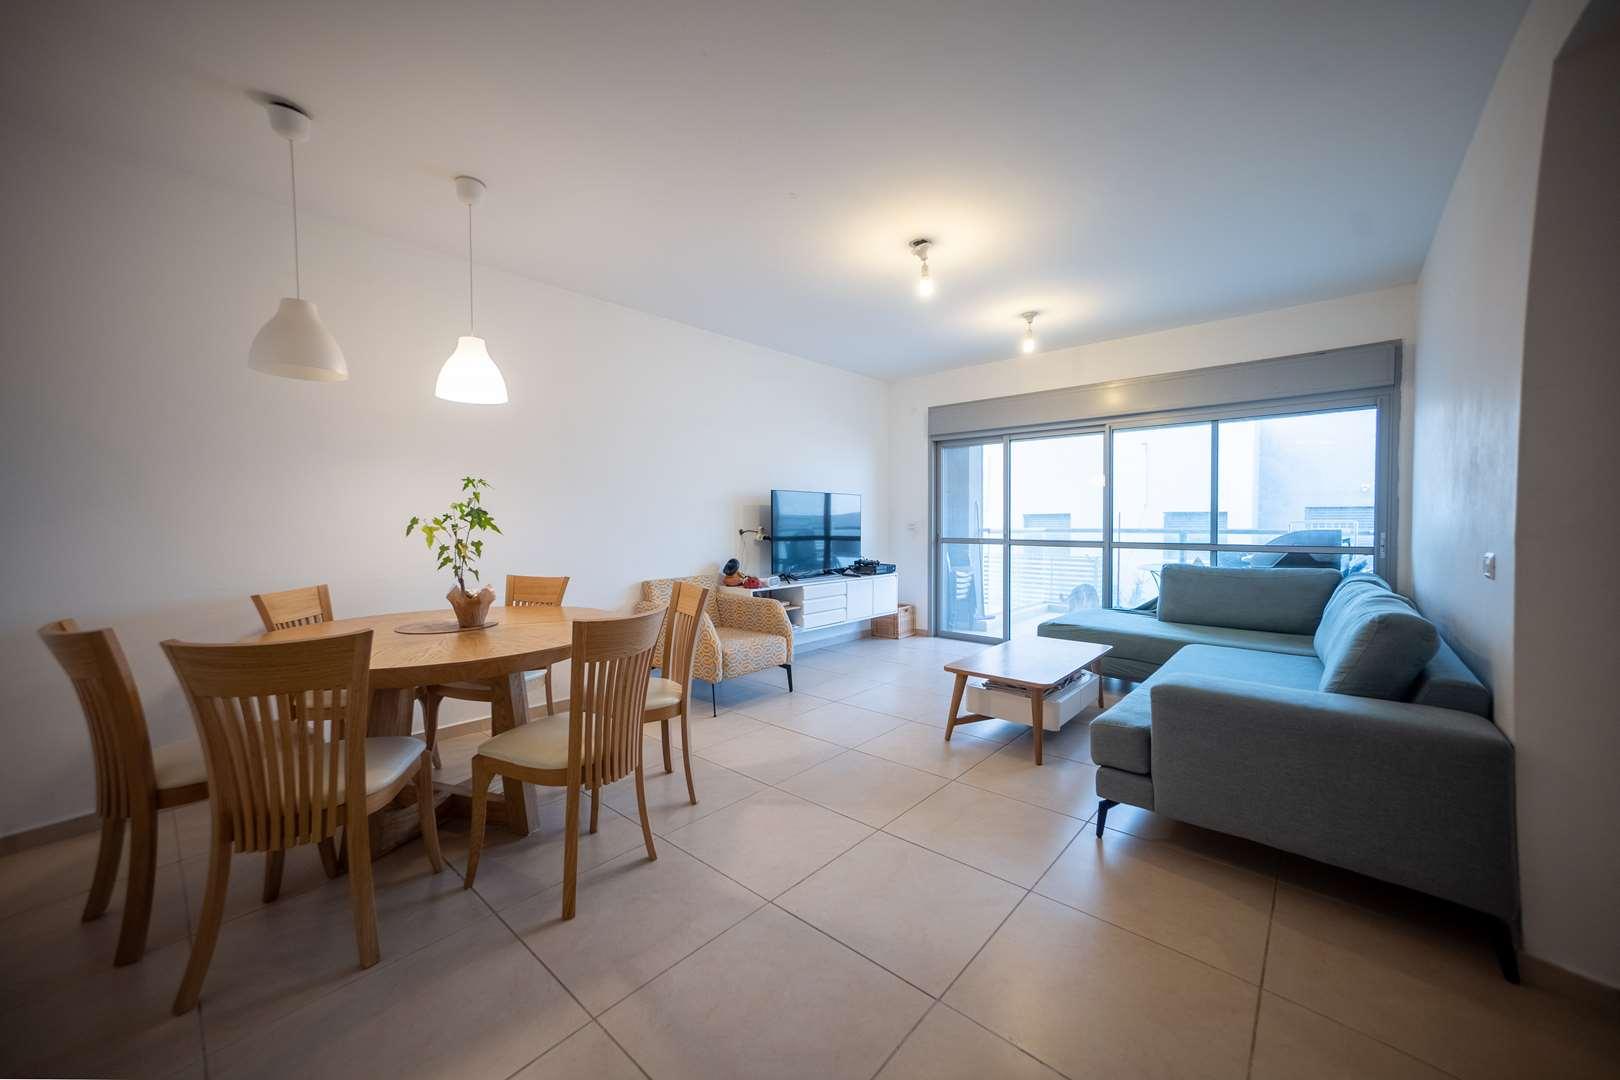 דירה למכירה 4 חדרים במזכרת בתיה שד' רפאל סויסה